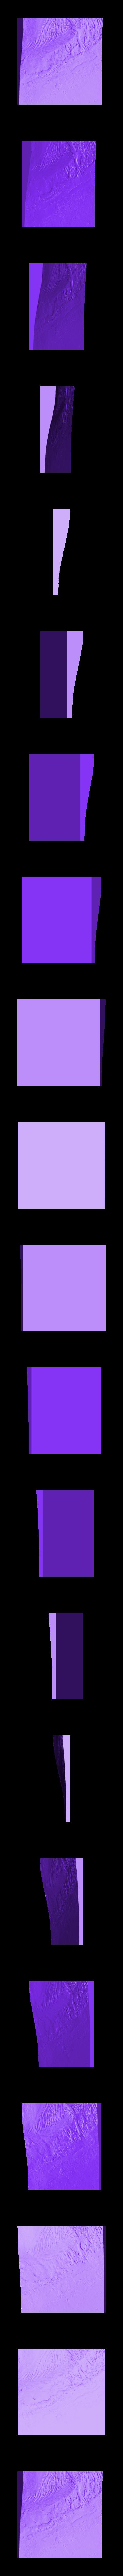 Ab9de27b 27e2 4cf3 b94d b11959c99018